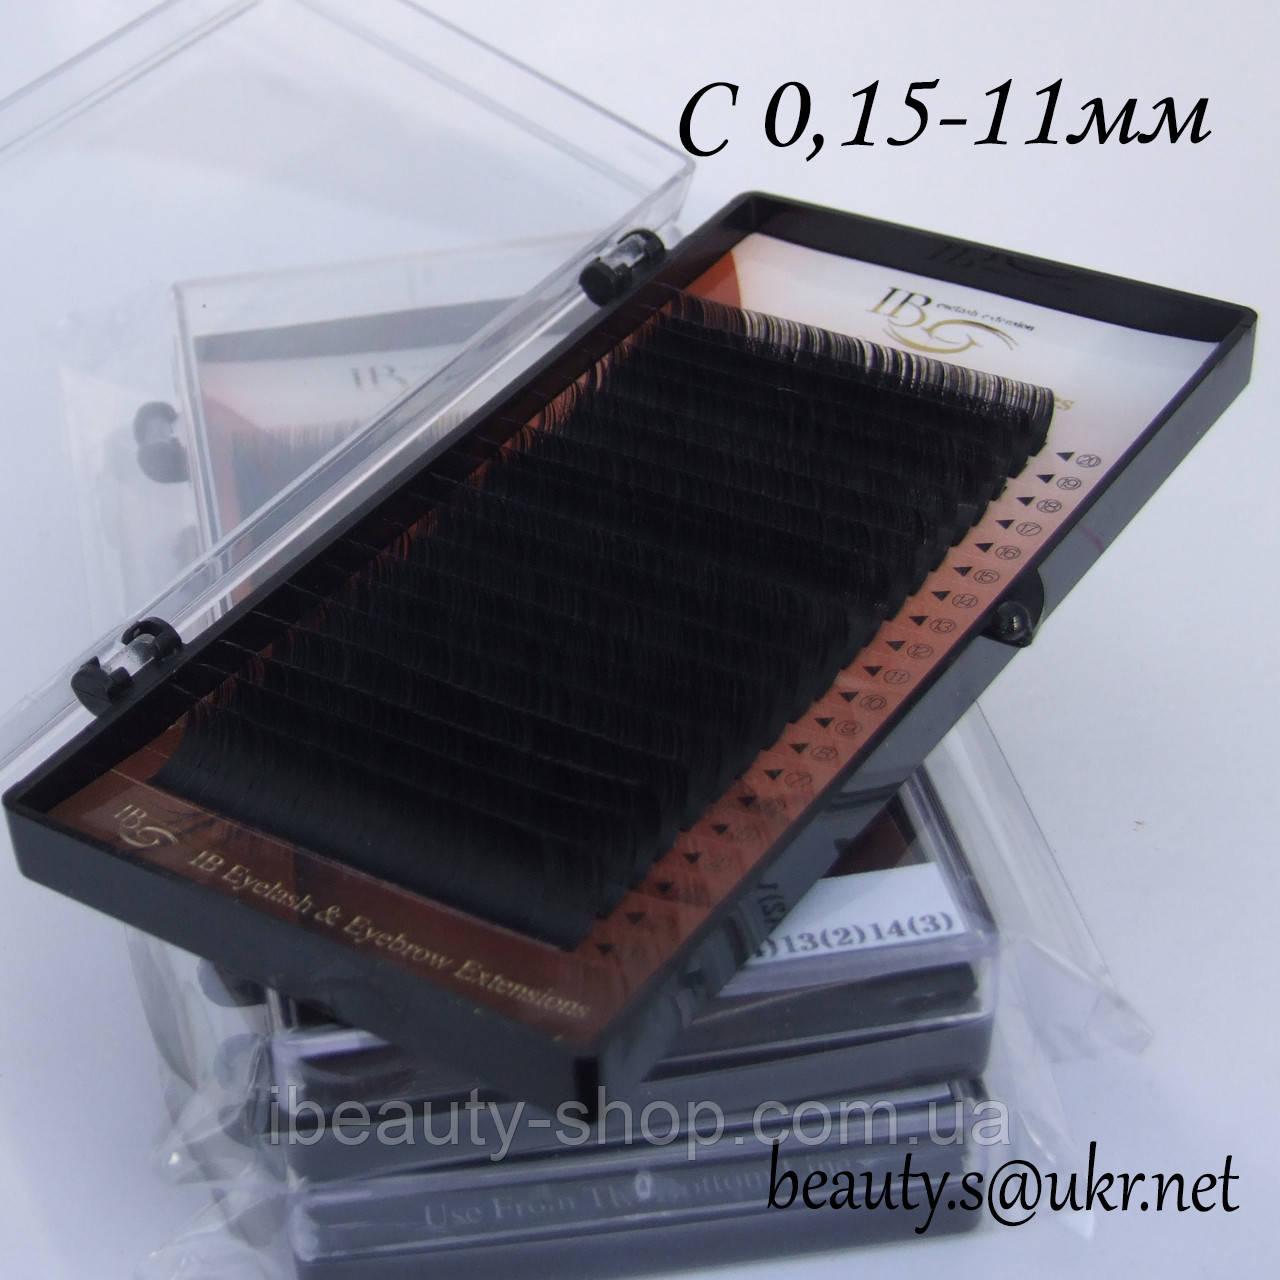 Ресницы  I-Beauty на ленте С-0,15 11мм